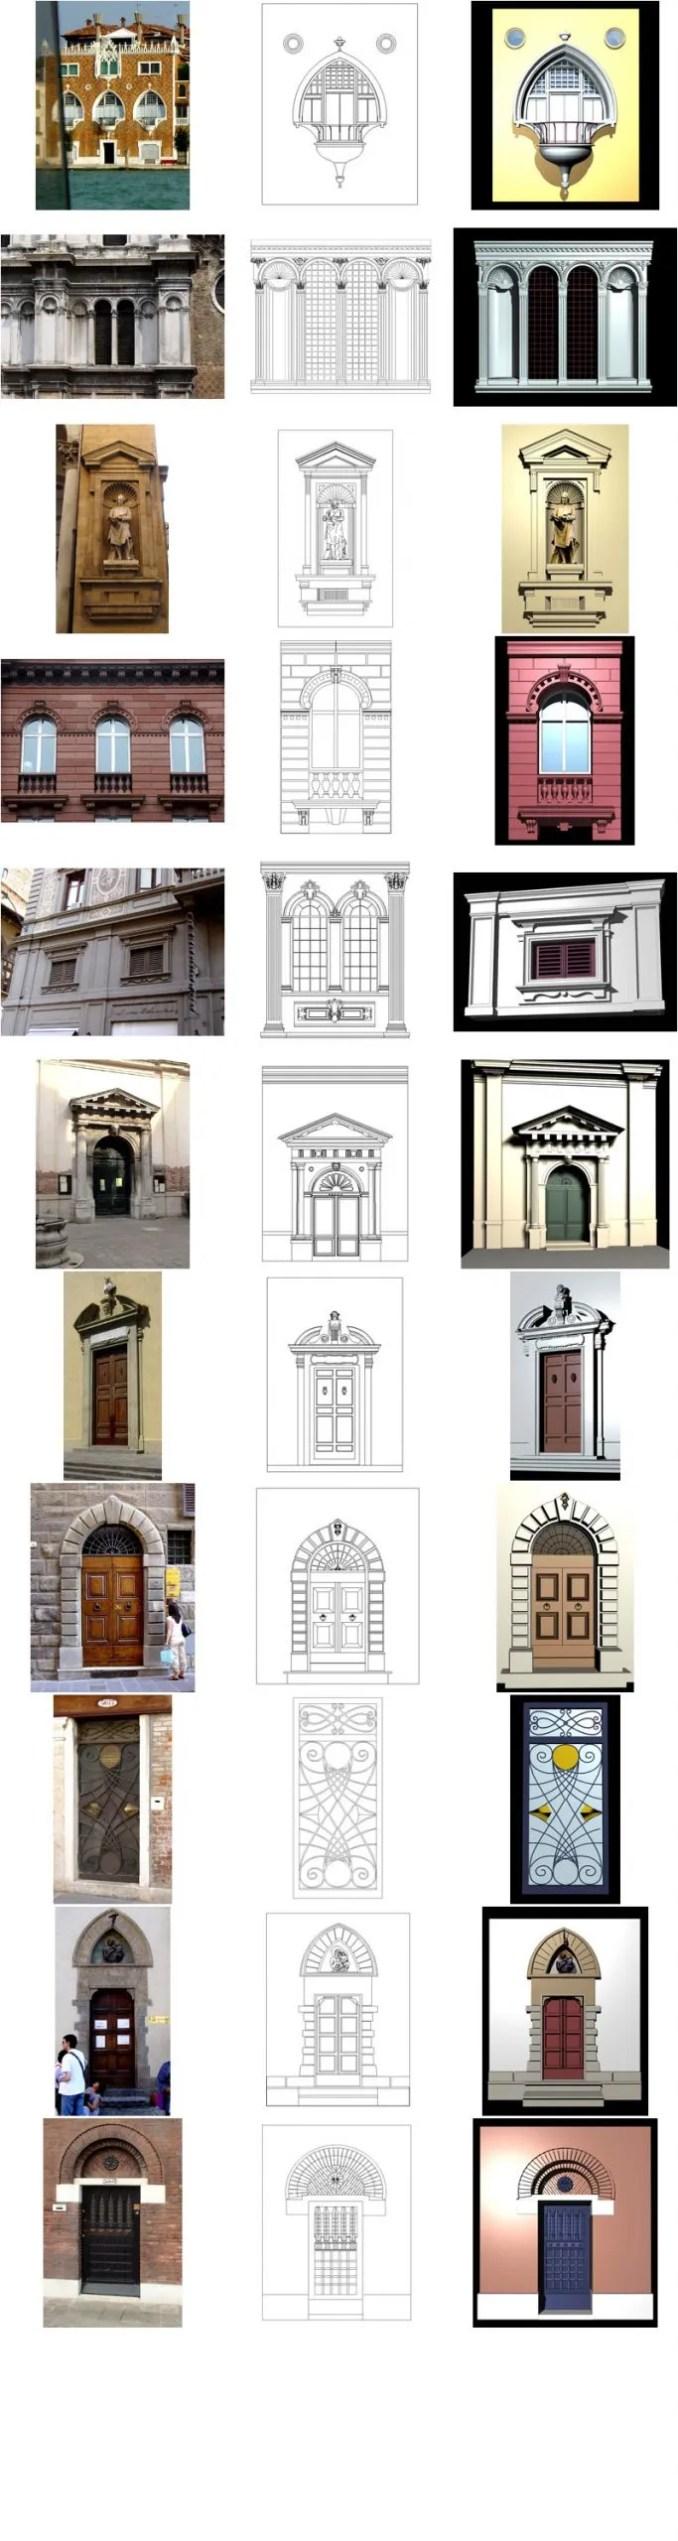 【歐式建築門窗CAD細部大樣圖】意大利建築·裝飾門窗CAD圖庫 Italian architecture